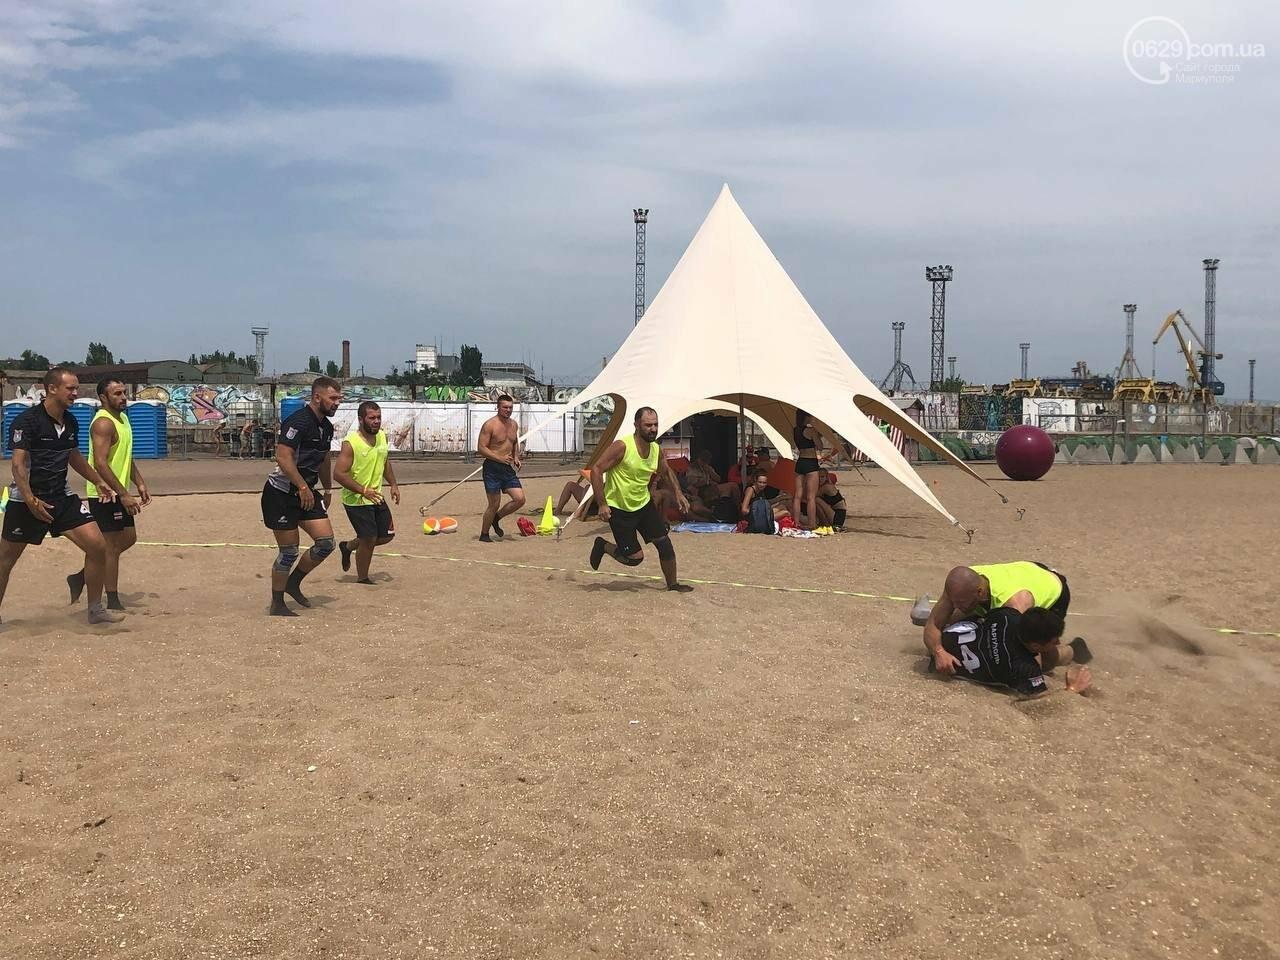 Спорт на MRPL City Festival. Як журналістка 0629 грала у бадмінтон, - ФОТО, фото-16